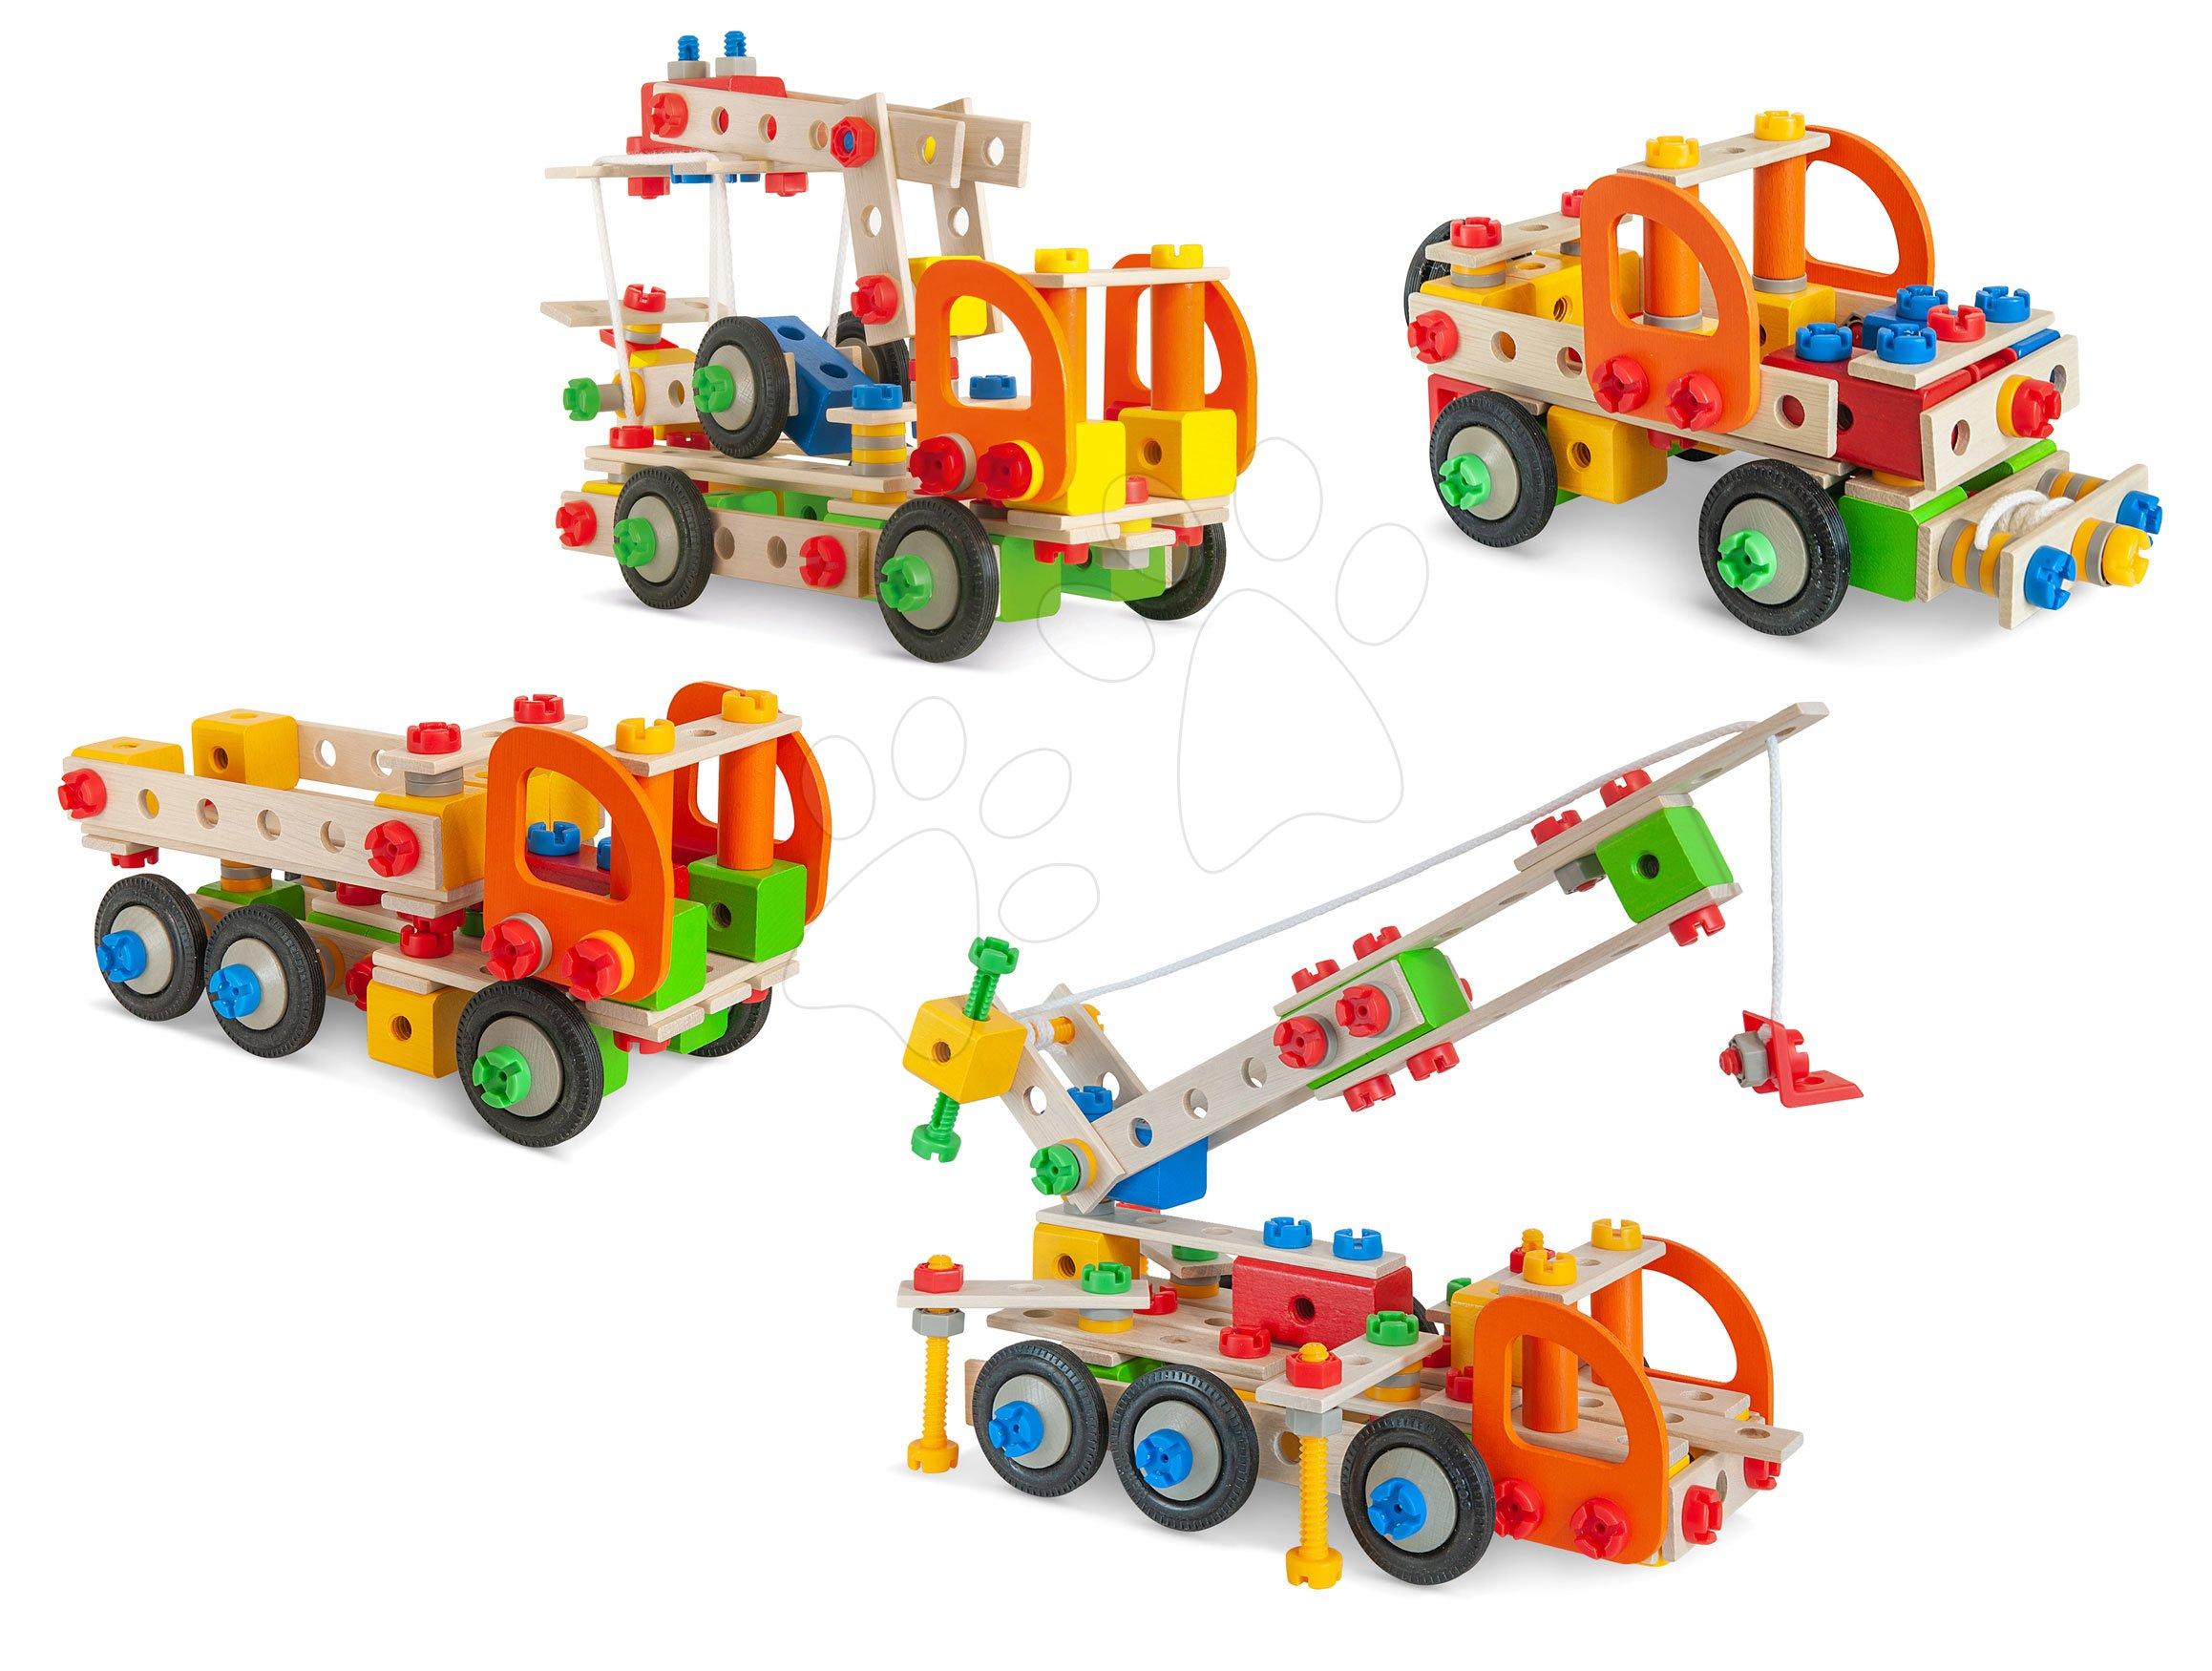 Dřevěné stavebnice Eichhorn - Dřevěná stavebnice pracovní stroje Constructor Tool Box Eichhorn autojeřáb džíp nákladní auto a služební auto 170 dílů od 6 let